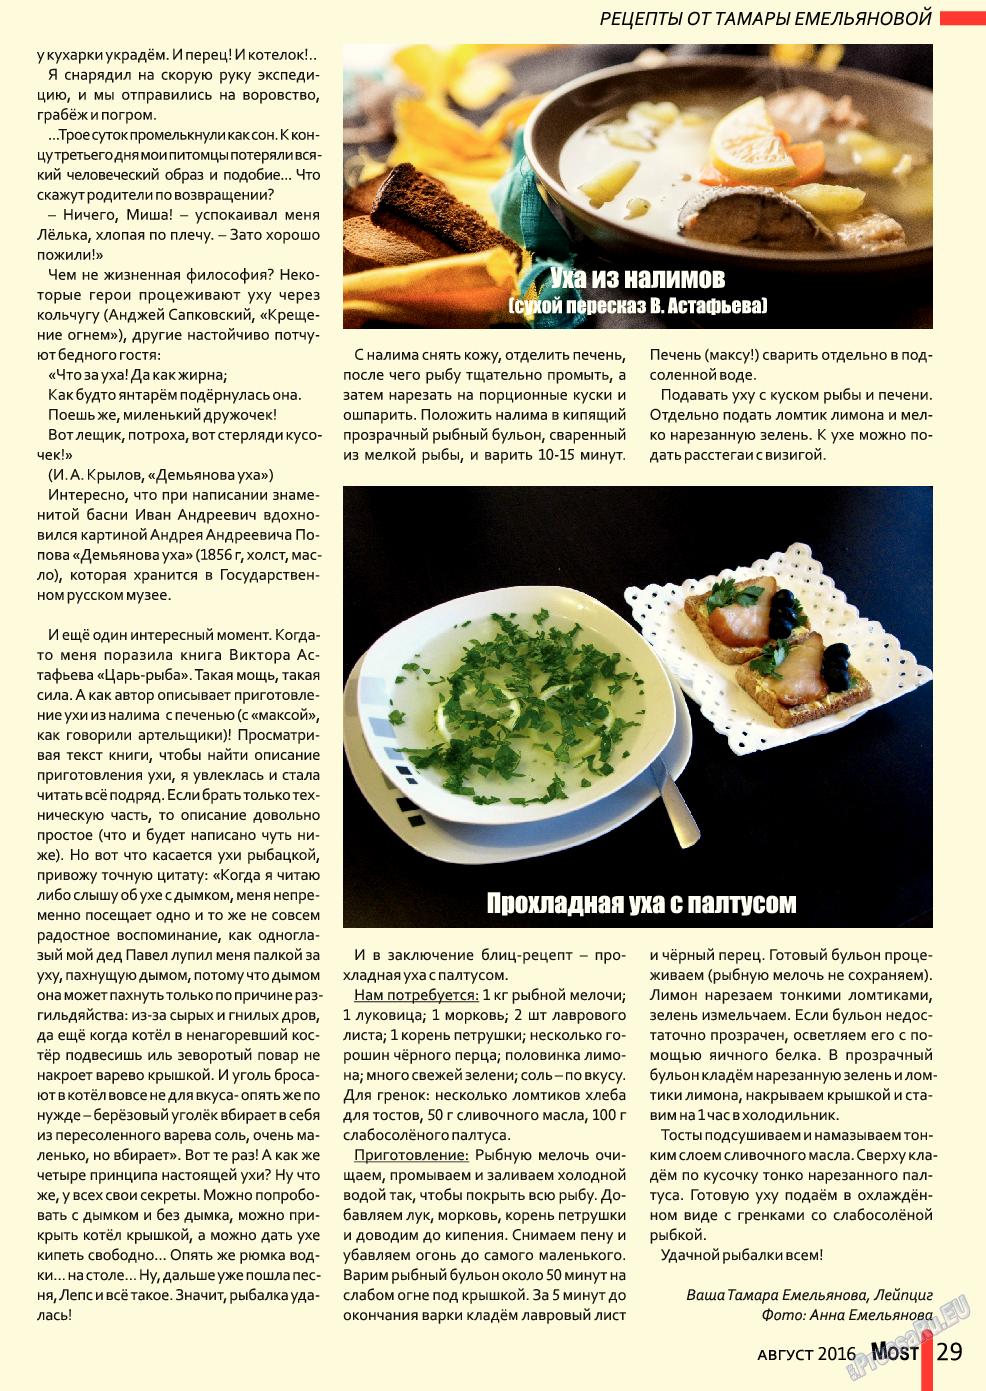 Мост (журнал). 2016 год, номер 8, стр. 29